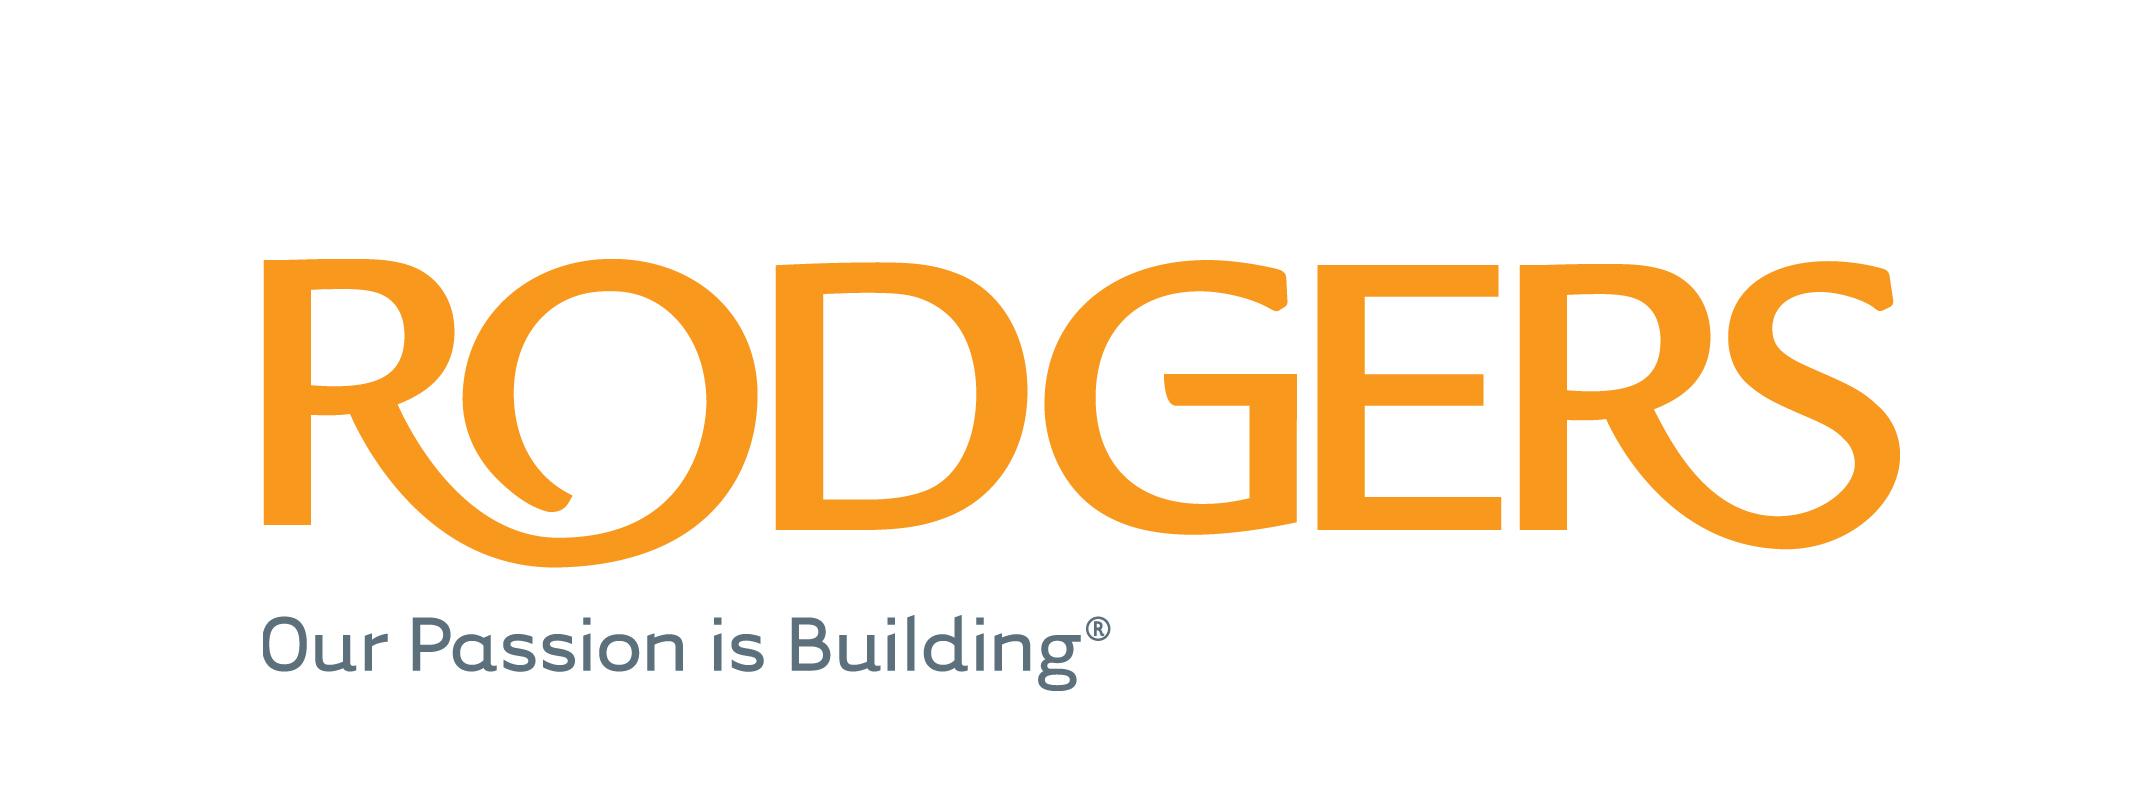 Rodgers_tagline.jpg